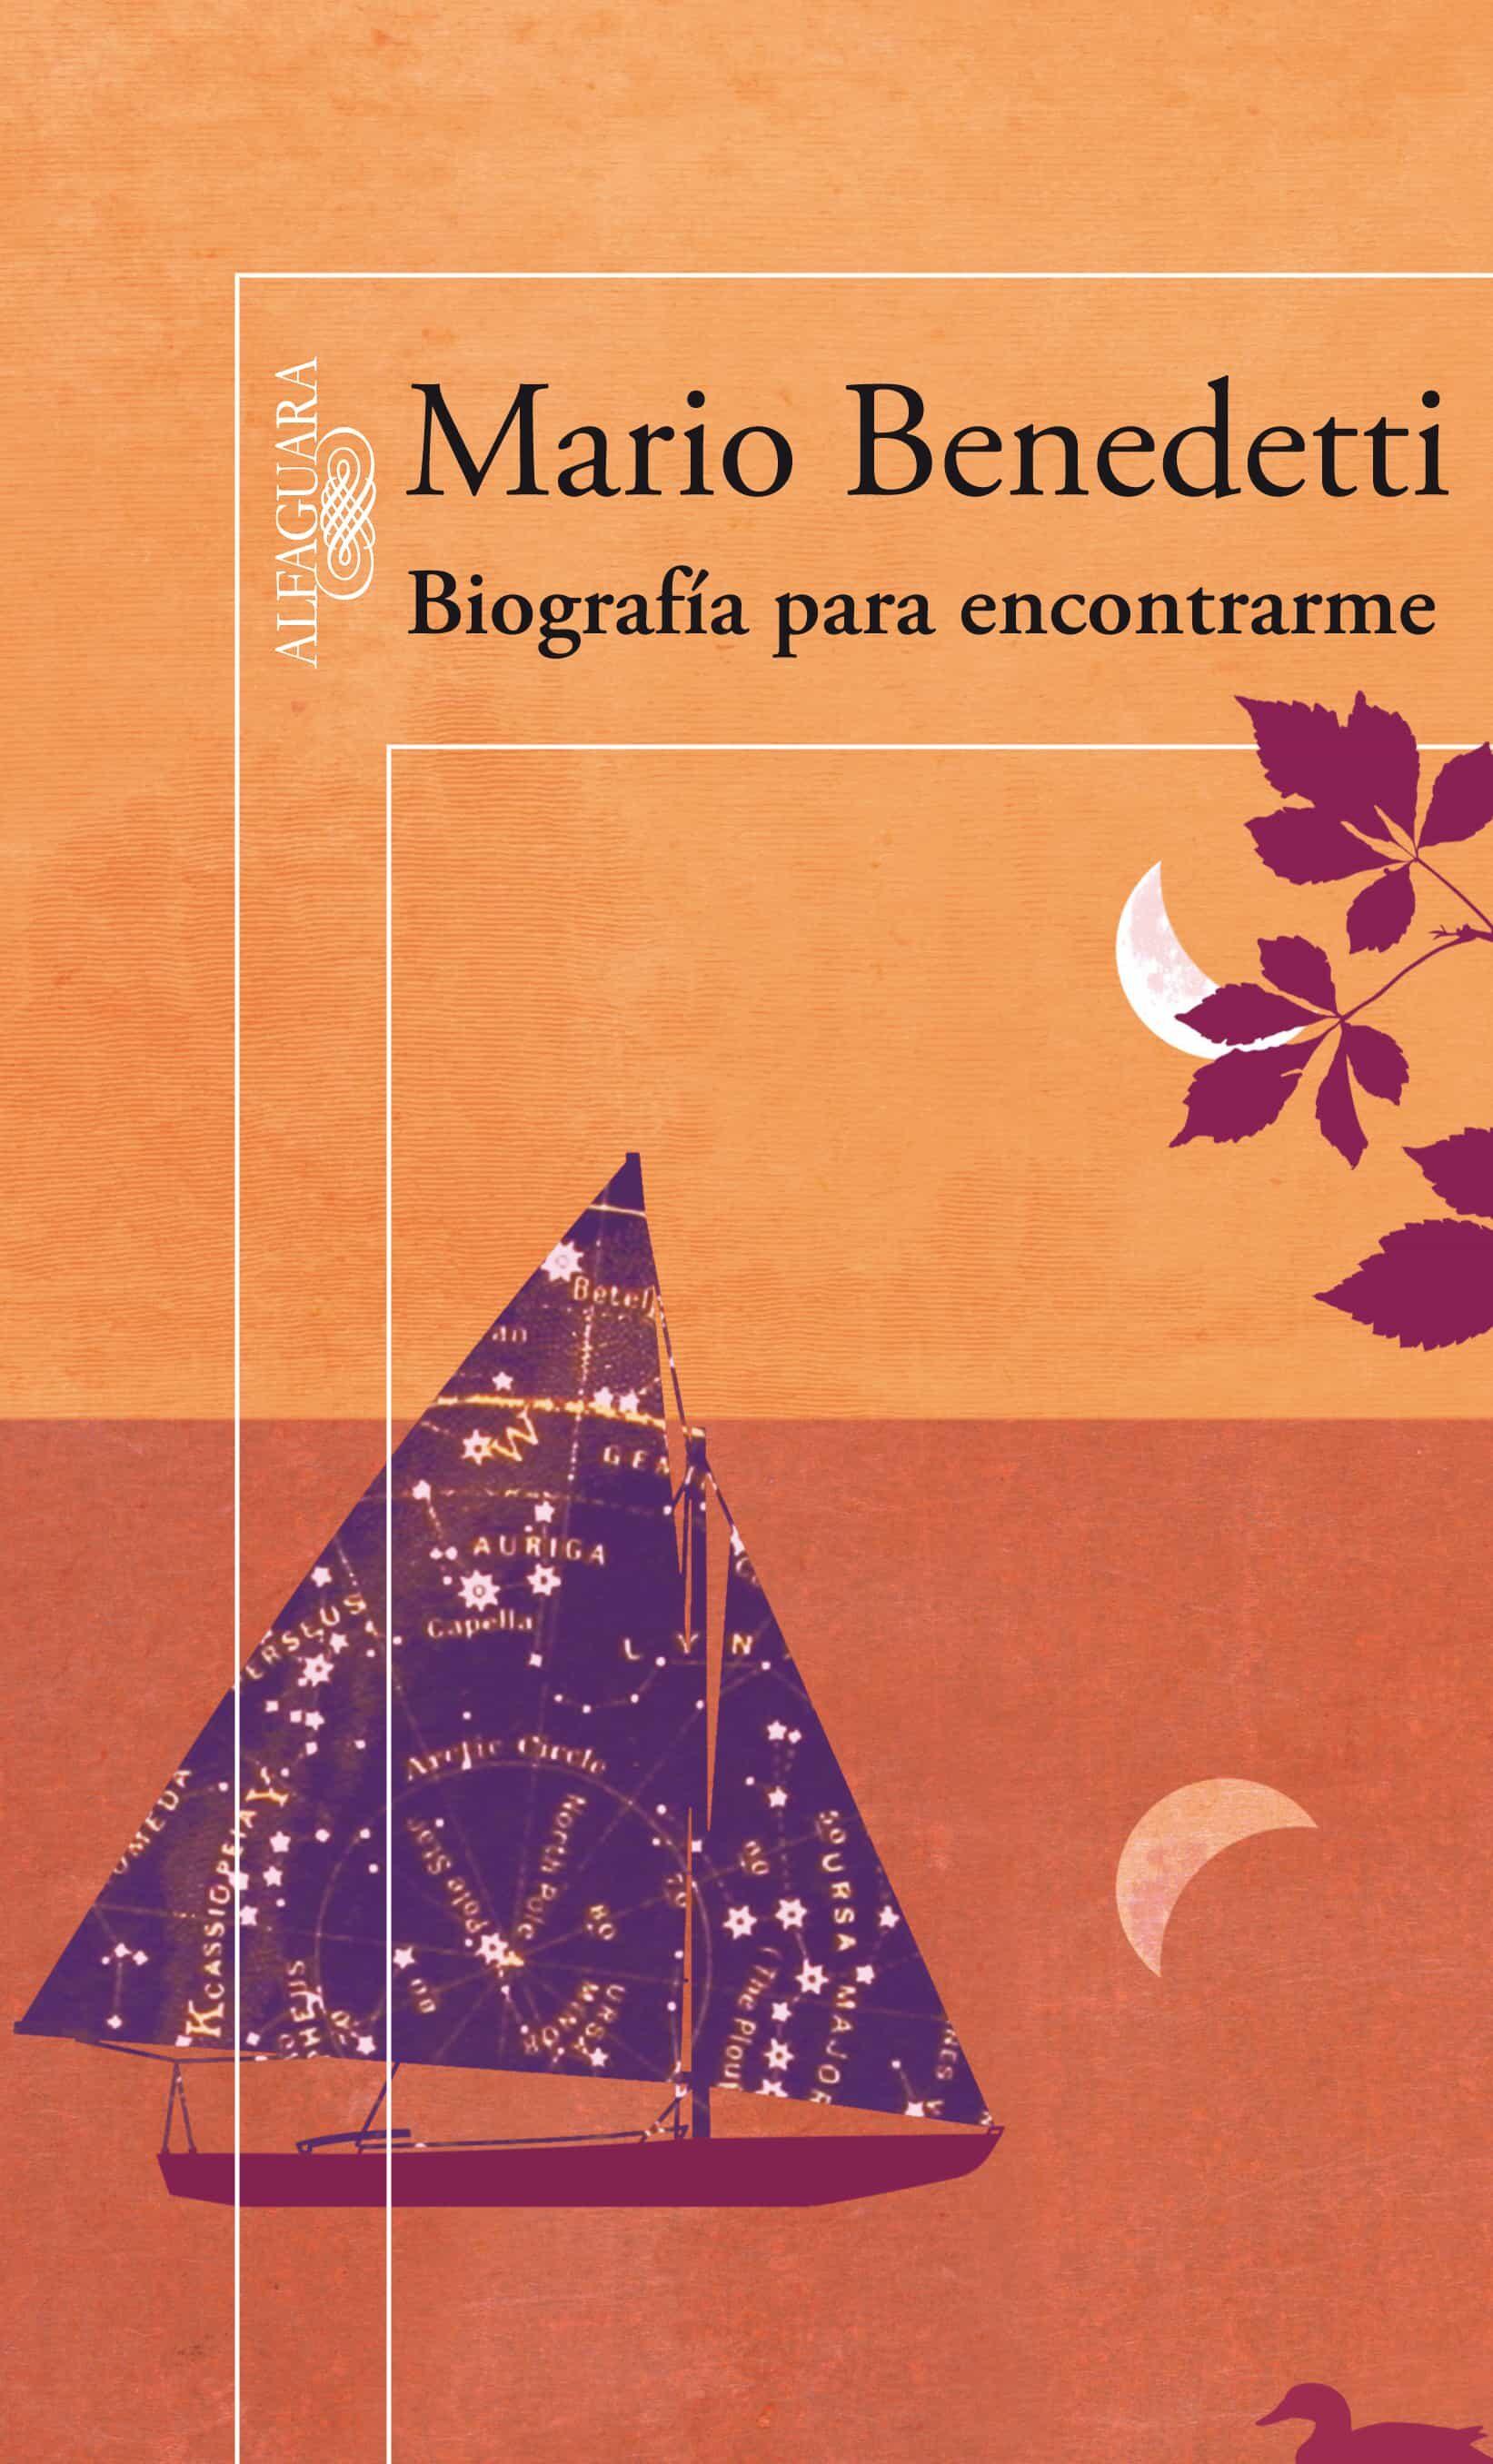 libros de mario benedetti para descargar pdf